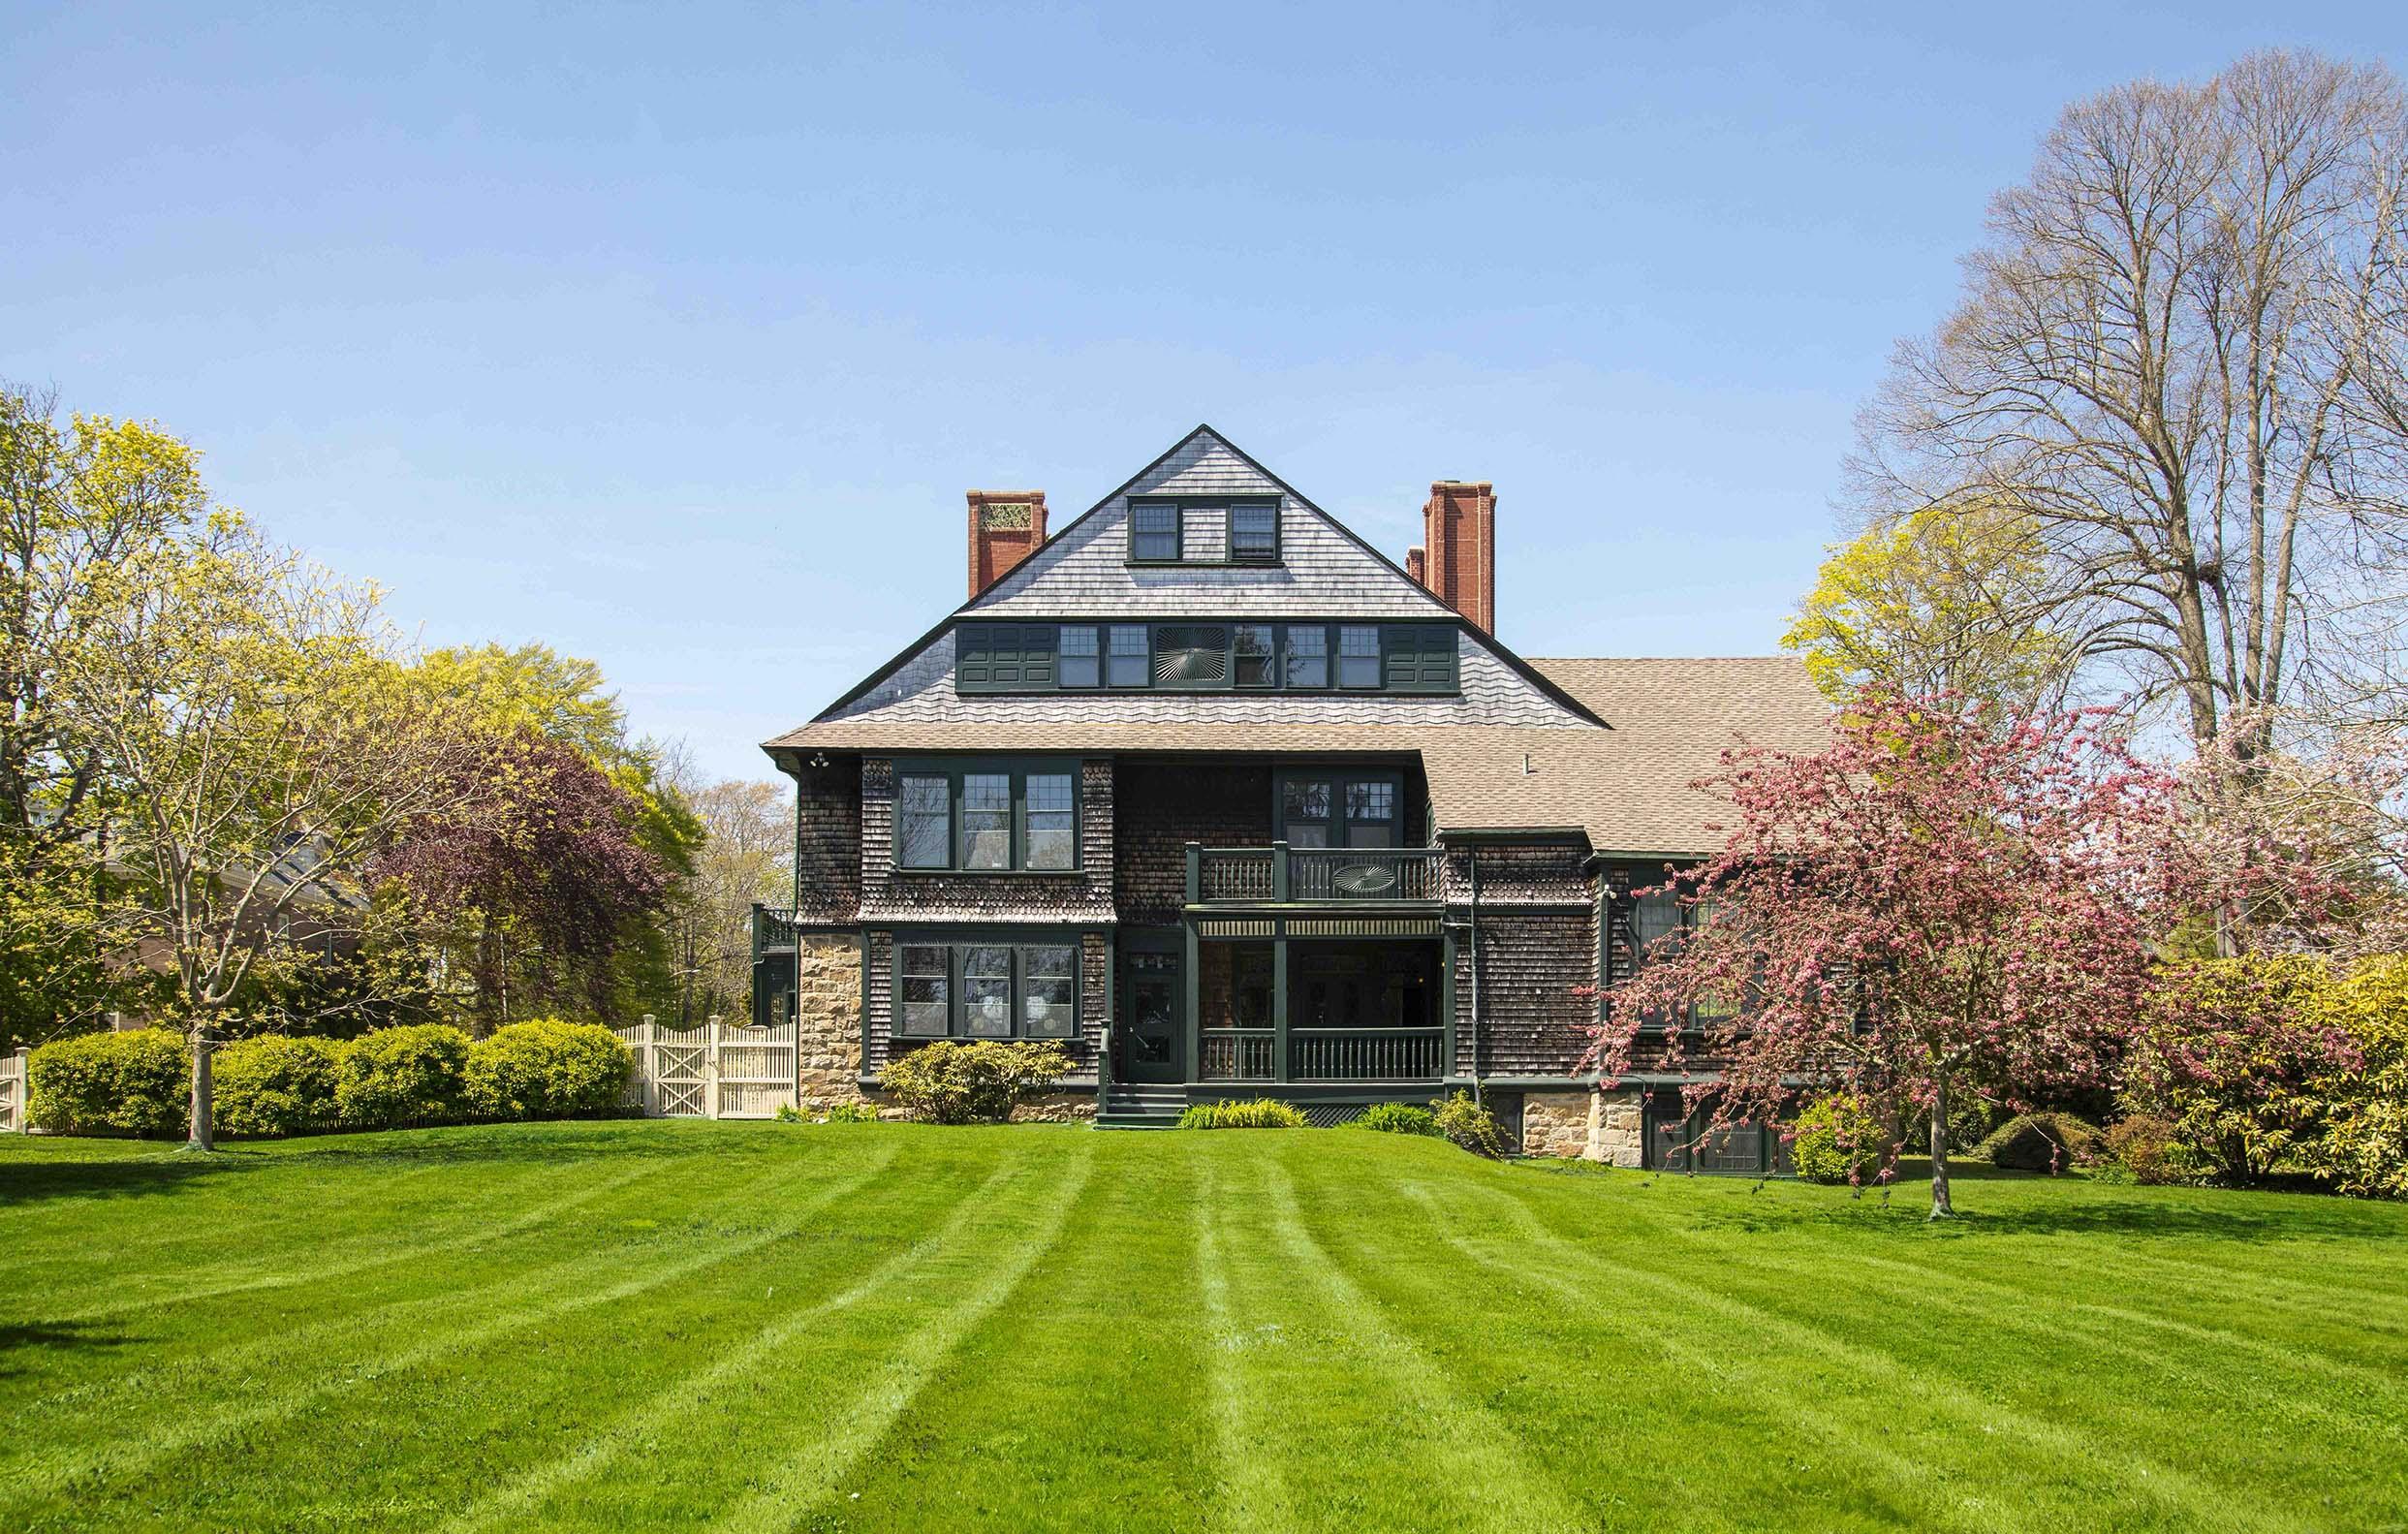 'SAMUEL TILTON HOUSE', HISTORIC MCKIM, MEAD & WHITE ESTATE, SELLS FOR $2,200,000